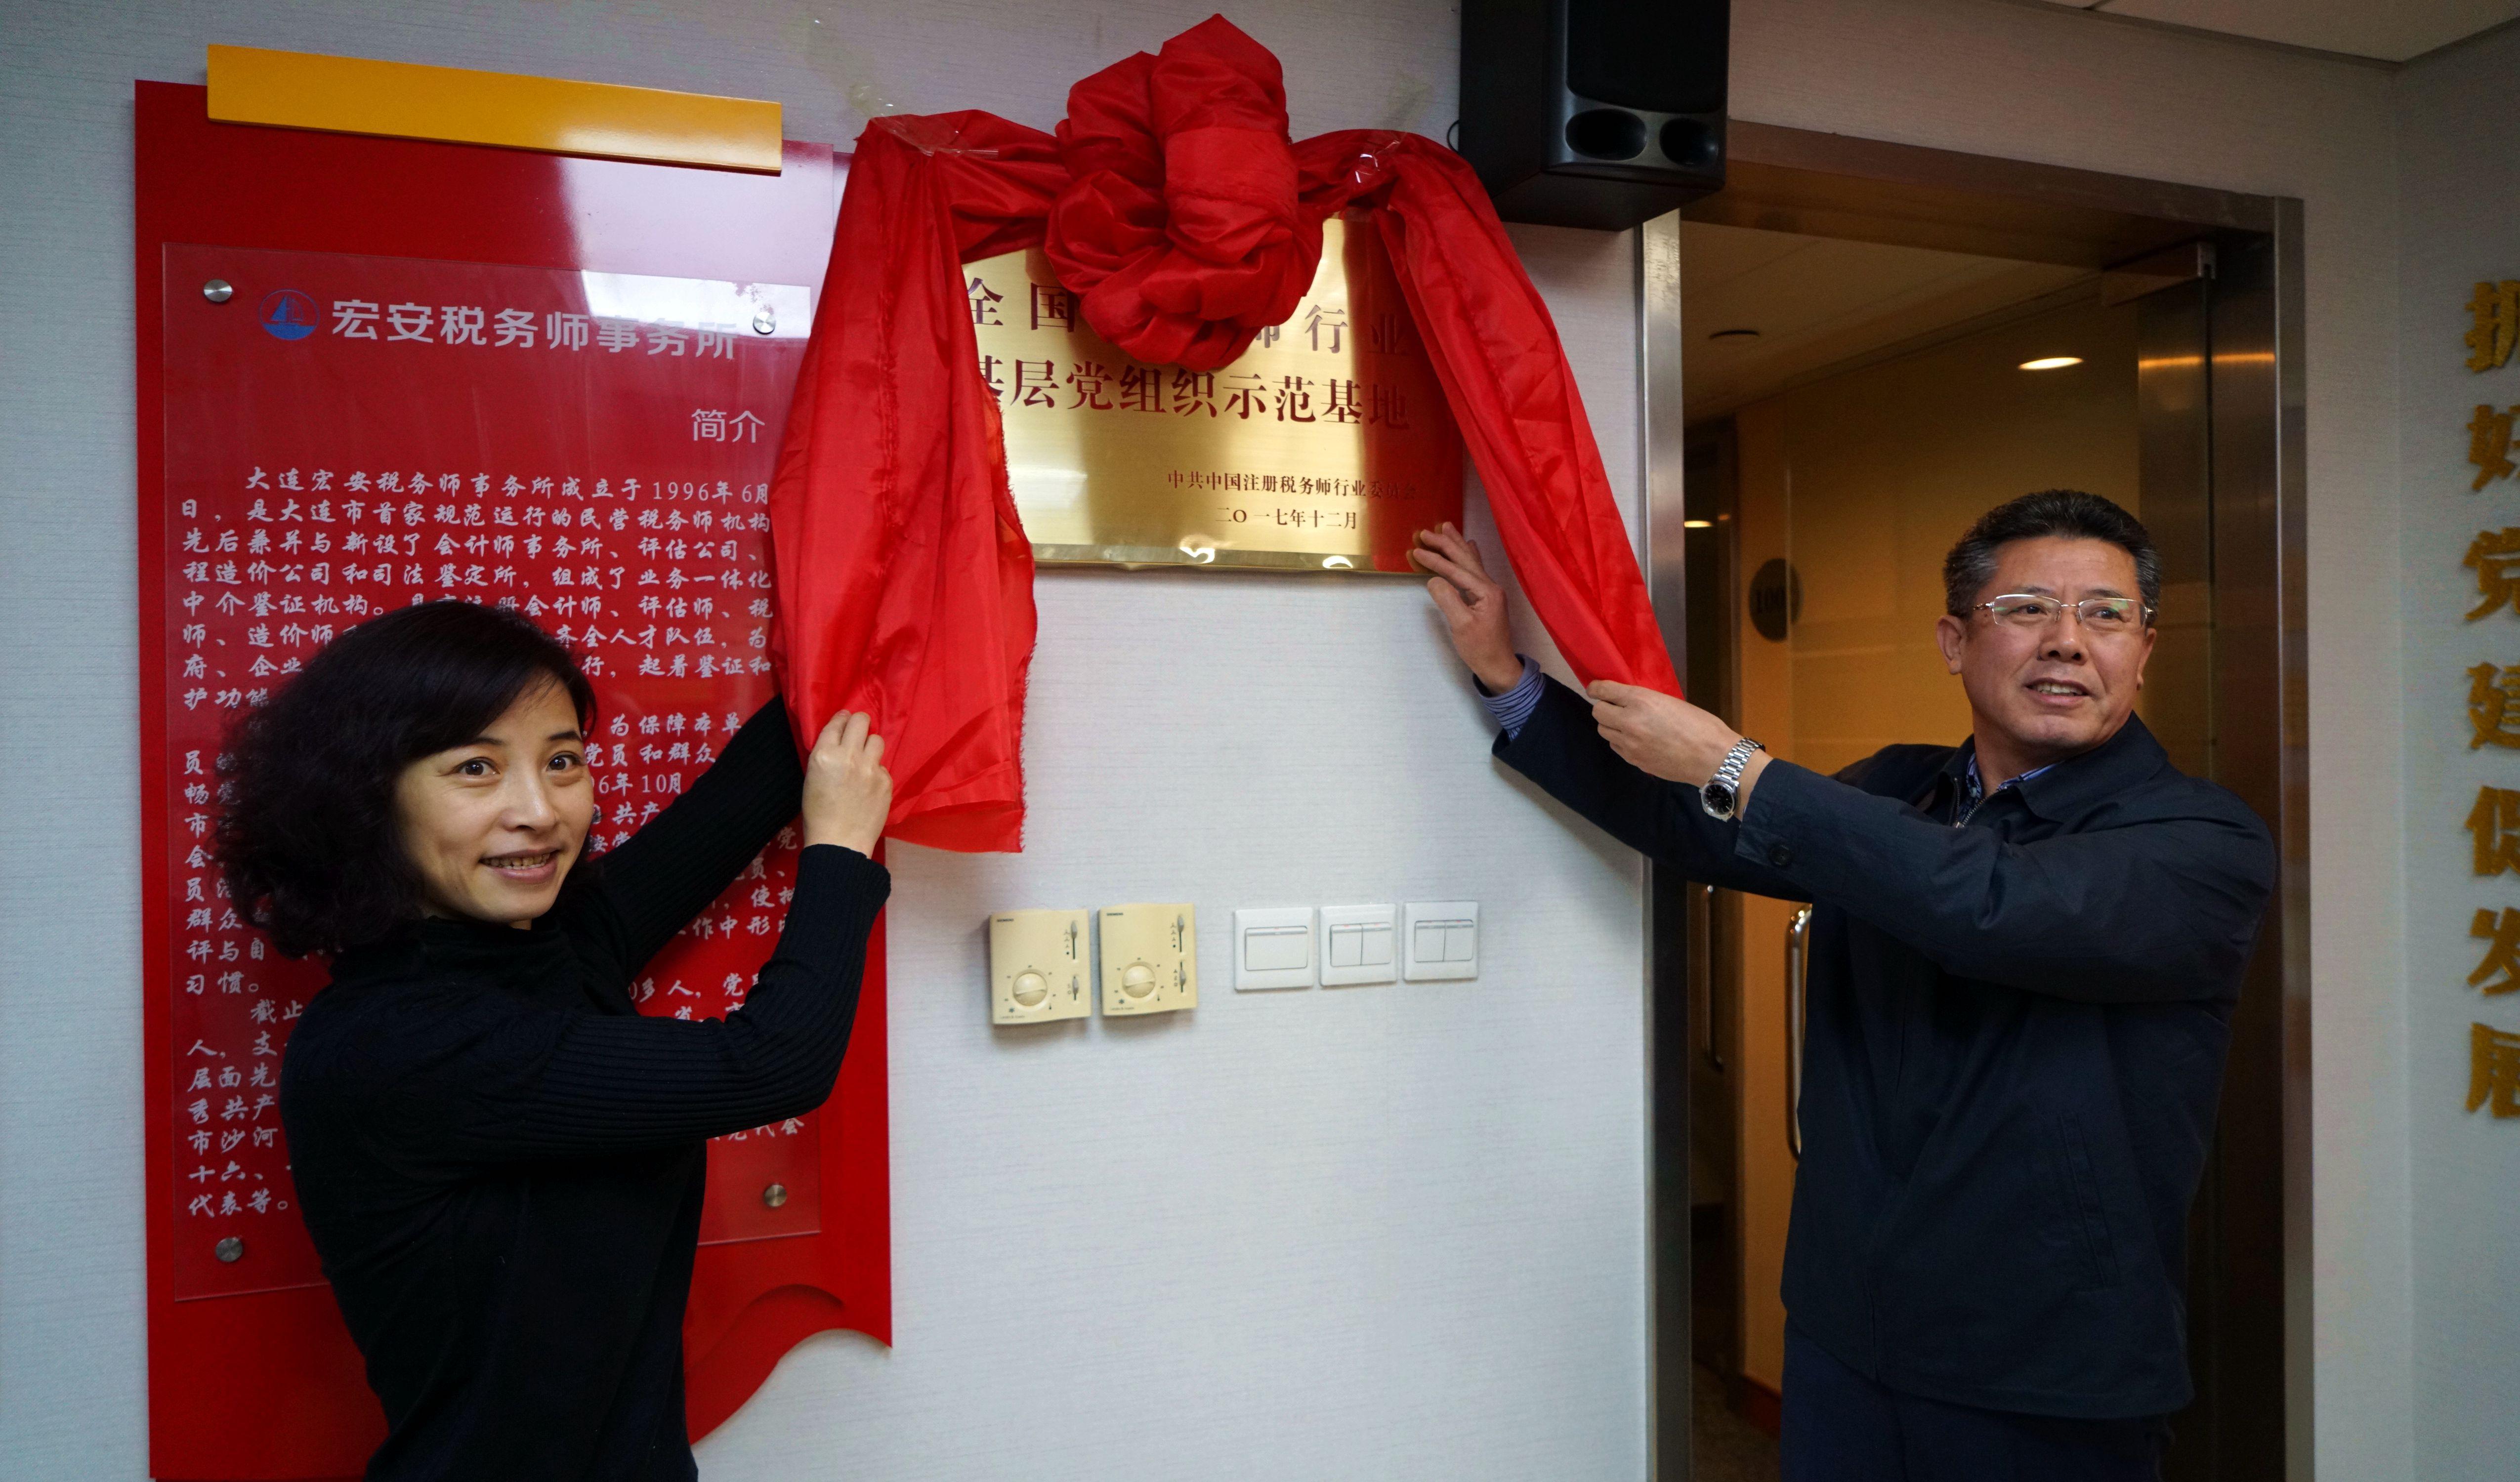 大连宏安税务师事务所党支部荣获全国税务师行业基层党组织示范基地称号